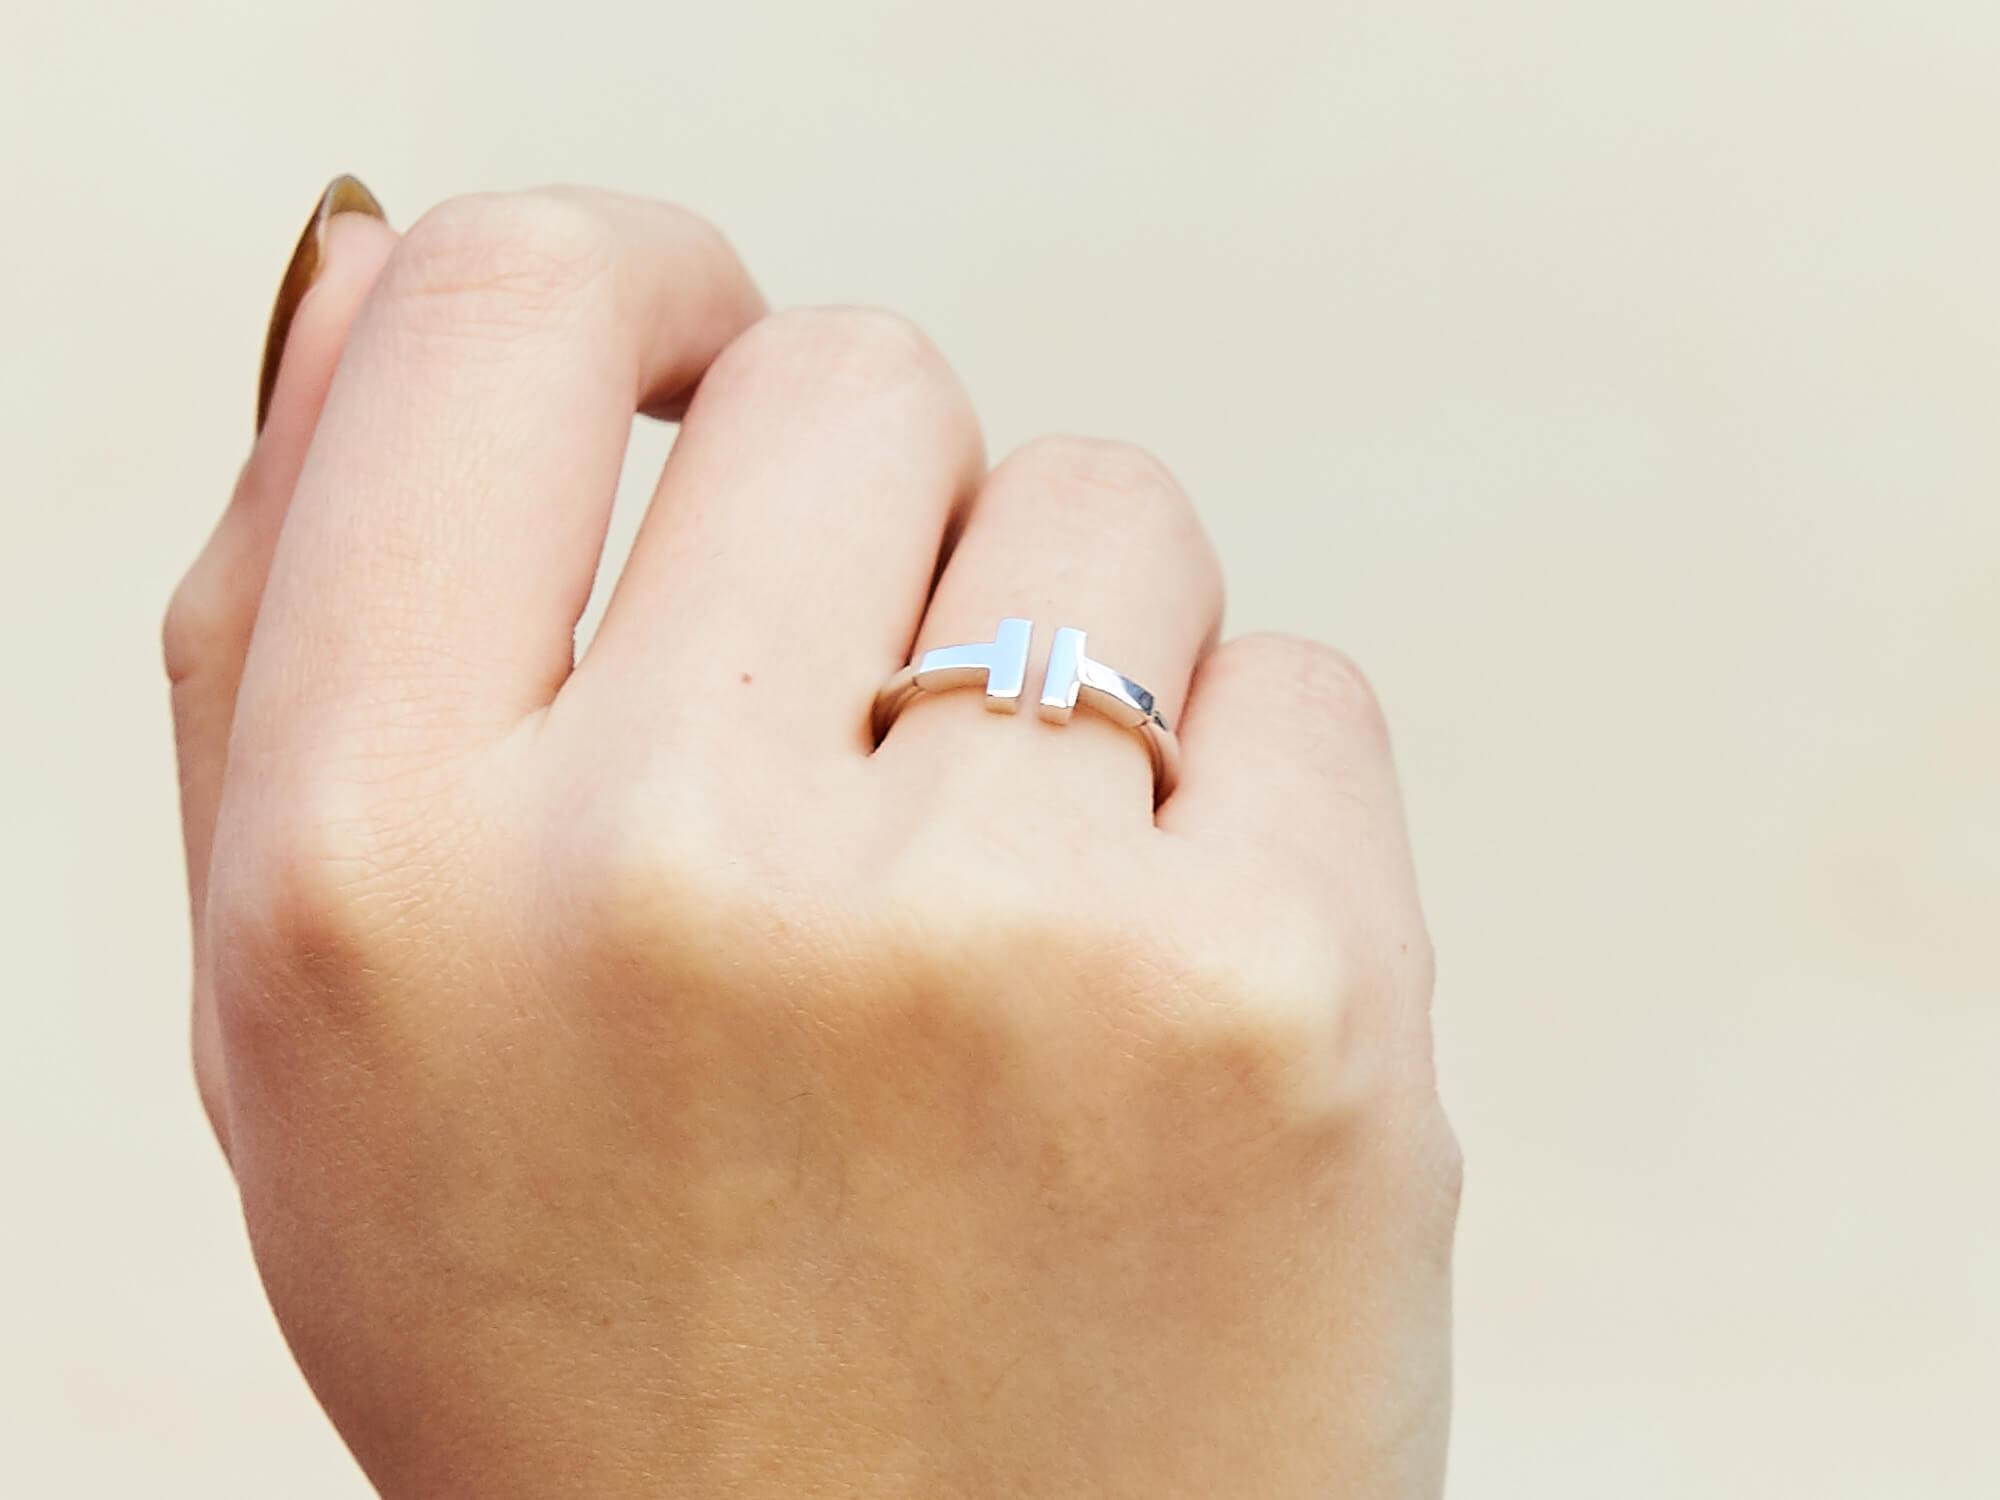 ティファニーのリングをした女性の手元